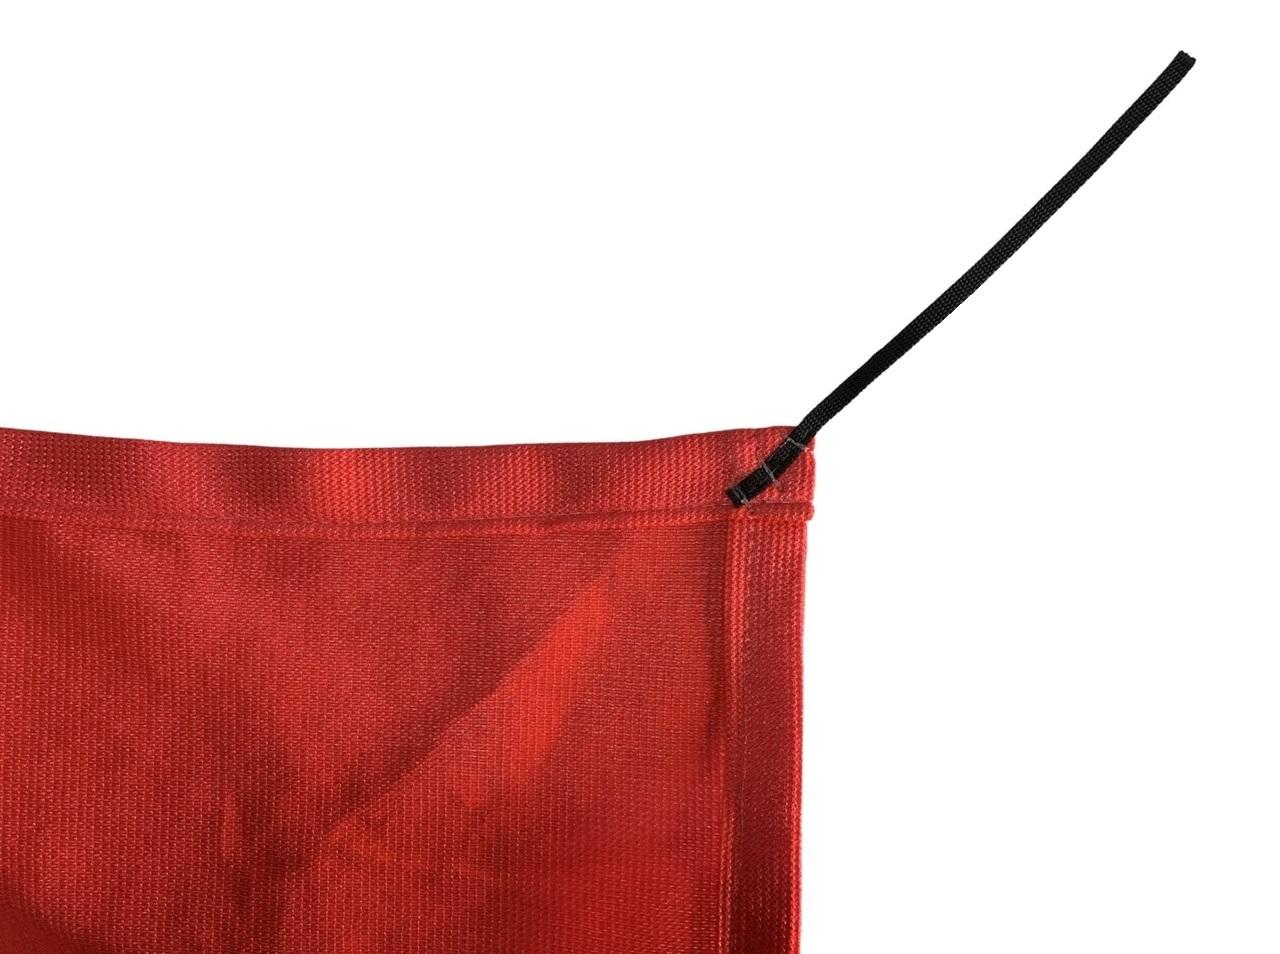 Tela de Sombreamento 90% Vermelha com Esticadores - Largura: 1,8 Metros